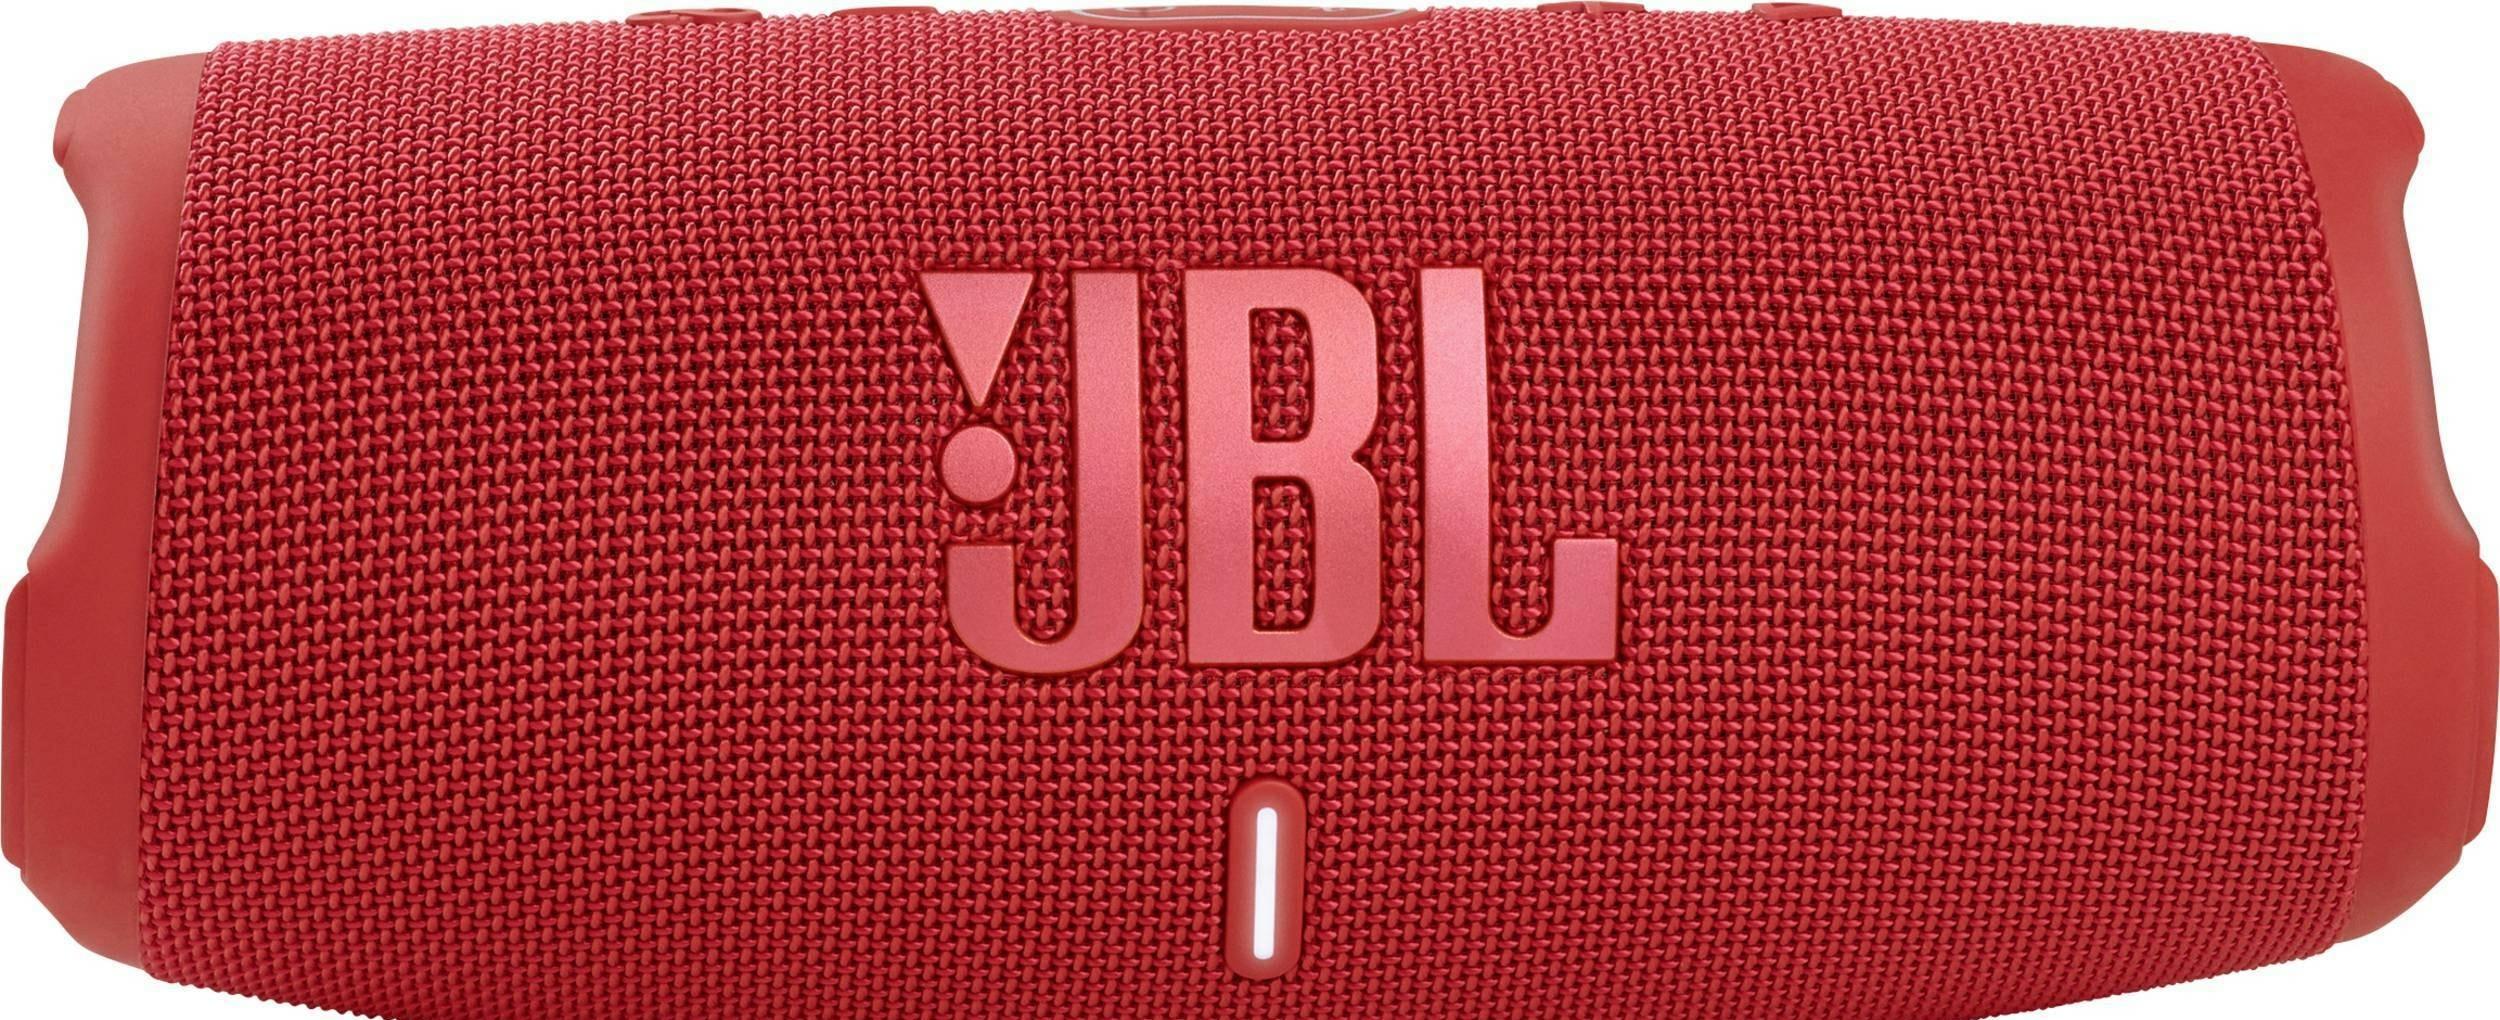 Беспроводная колонка JBL Charge 5 (красный)